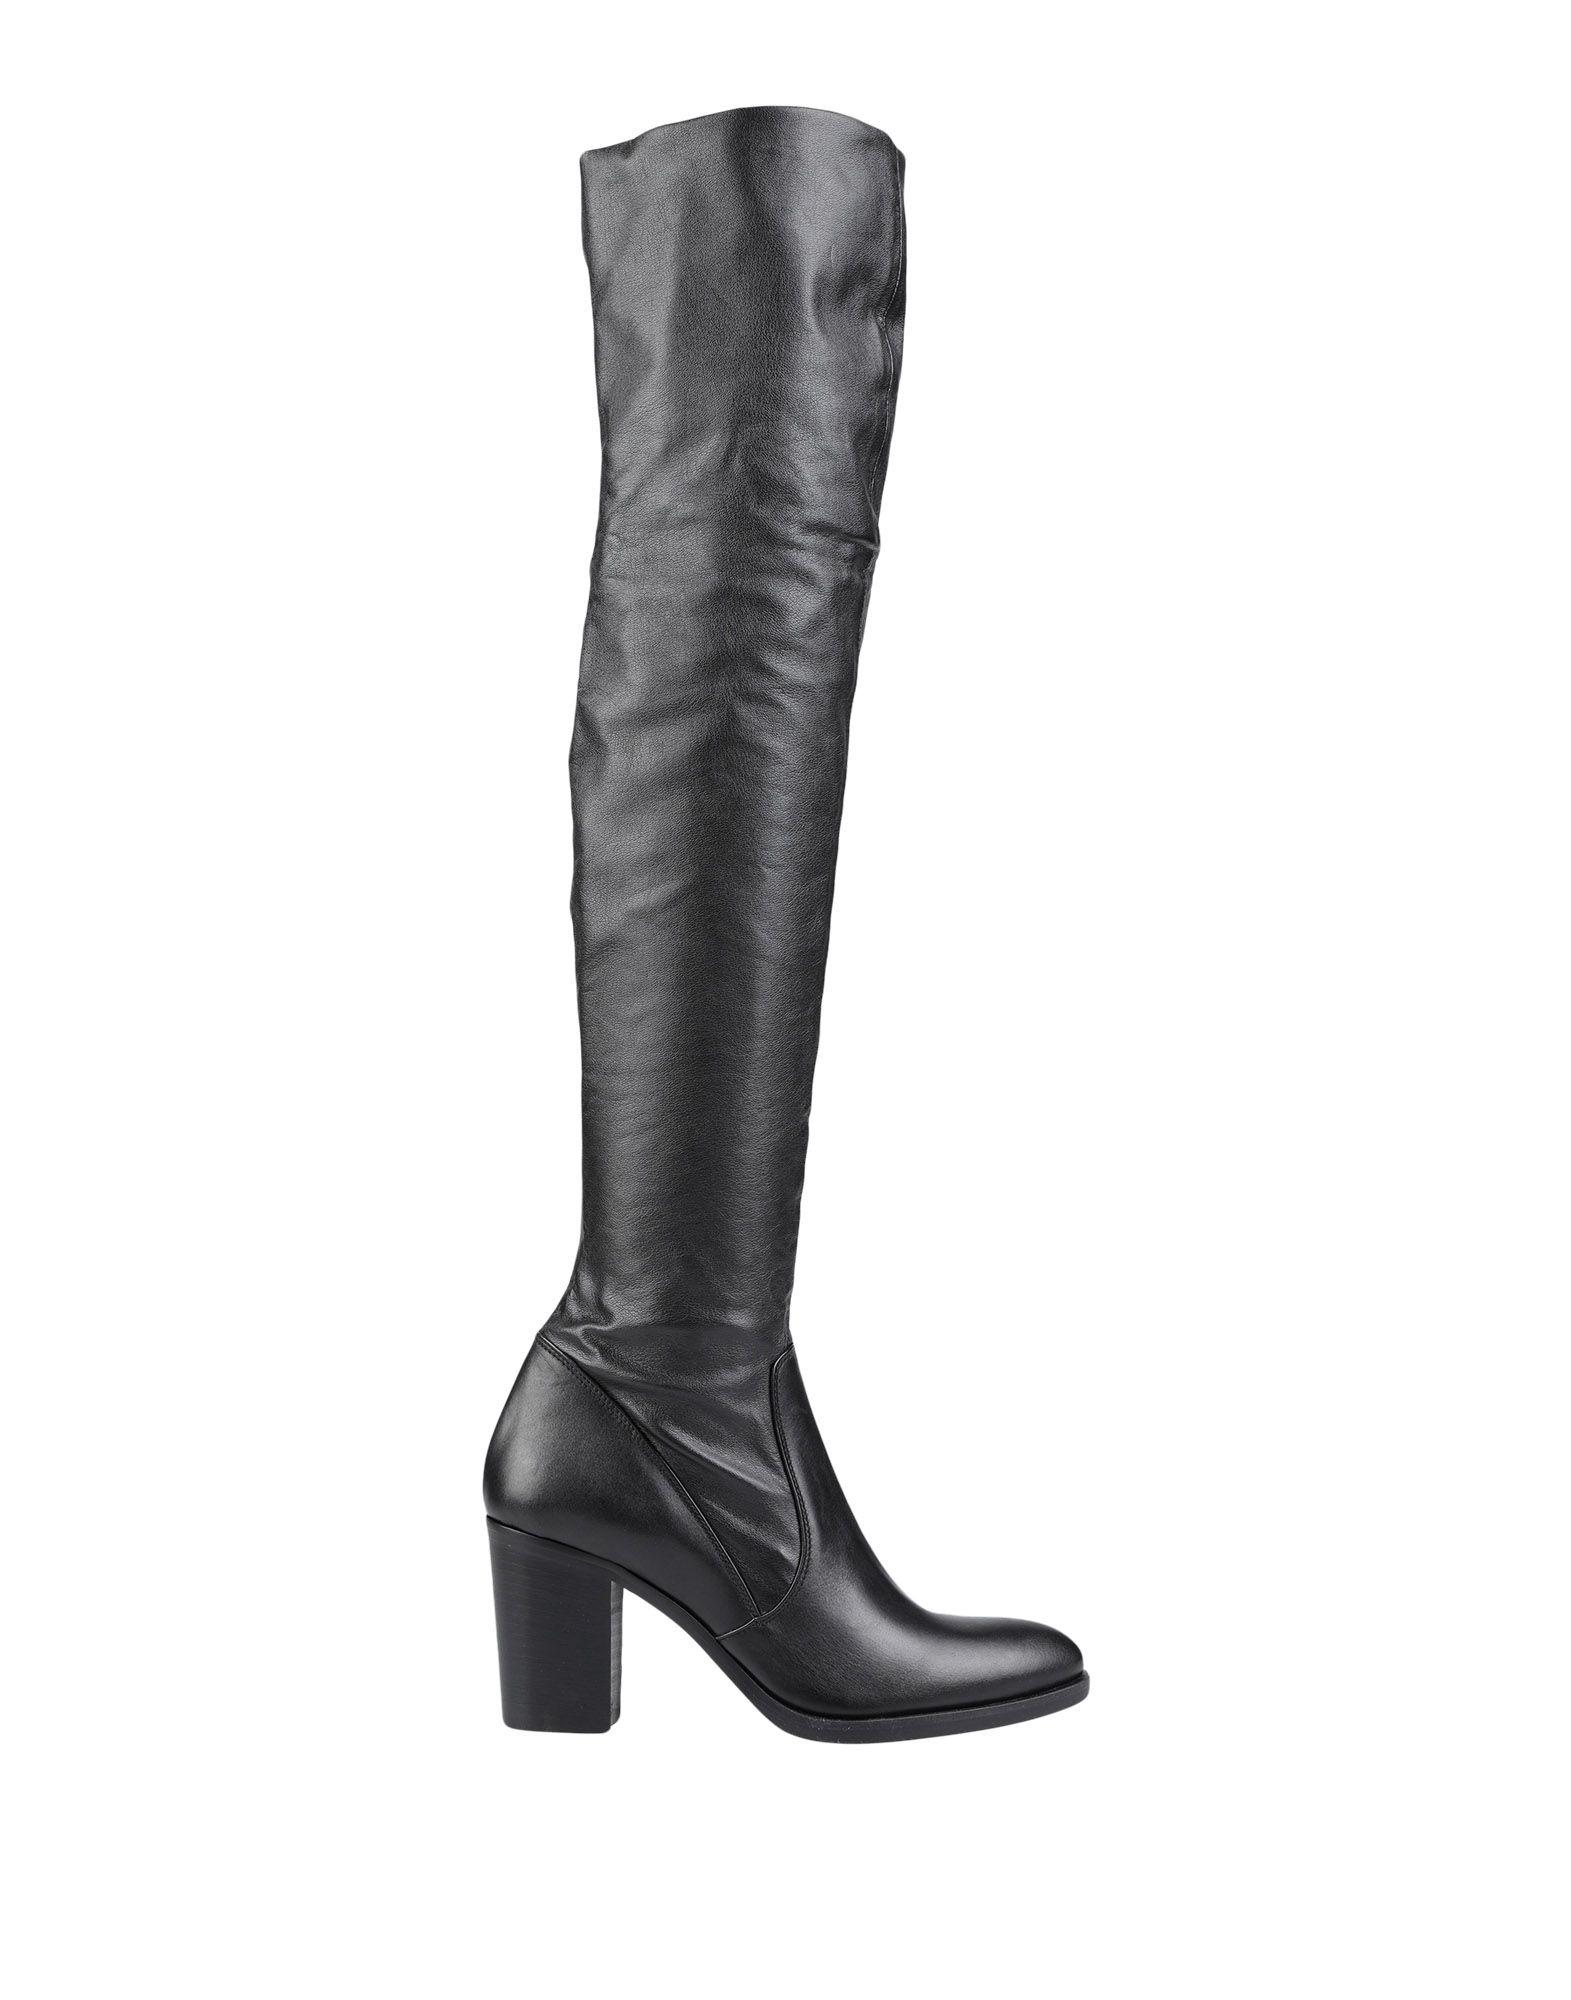 Jfk Boots  - Women Jfk Boots online on  Boots Australia - 11546150VH a67b42